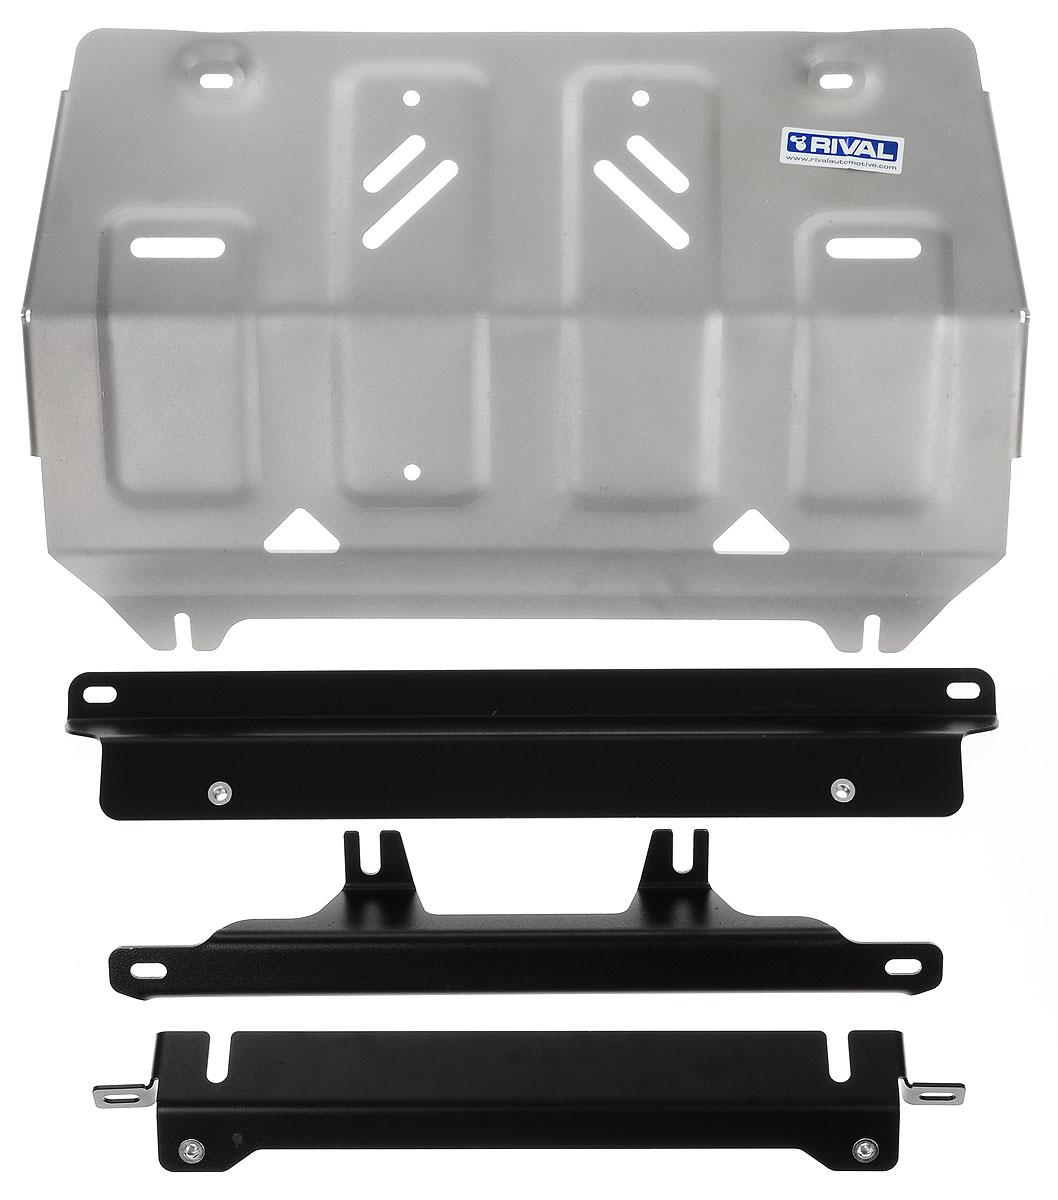 Защита картера Rival, для Mitsubishi L200. 333.4040.1333.4040.1Защита радиатора для Mitsubishi L200 4WD , V - 2,4DID; 2,4DID H.P. 2015-, крепеж в комплекте, алюминий 4 мм, Rival. Надежно защищают днище вашего автомобиля от повреждений, например при наезде на бордюры, а также выполняют эстетическую функцию при установке на высокие автомобили.- Толщина алюминиевых защит в 2 раза толще стальных, а вес при этом меньше до 30%.- Отлично отводит тепло от двигателя своей поверхностью, что спасает двигатель от перегрева в летний период или при высоких нагрузках.- В отличие от стальных, алюминиевые защиты не поддаются коррозии, что гарантирует срок службы защит более 5 лет.- Покрываются порошковой краской, что надолго сохраняет первоначальный вид новой защиты и защищает от гальванической коррозии.- Глубокий штамп дополнительно усиливает конструкцию защиты.- Подштамповка в местах крепления защищает крепеж от срезания.- Технологические отверстия там, где они необходимы для смены масла и слива воды, оборудованные заглушками, надежно закрепленными на защите.Уважаемые клиенты!Обращаем ваше внимание, на тот факт, что защита имеет форму, соответствующую модели данного автомобиля. Фото служит для визуального восприятия товара.